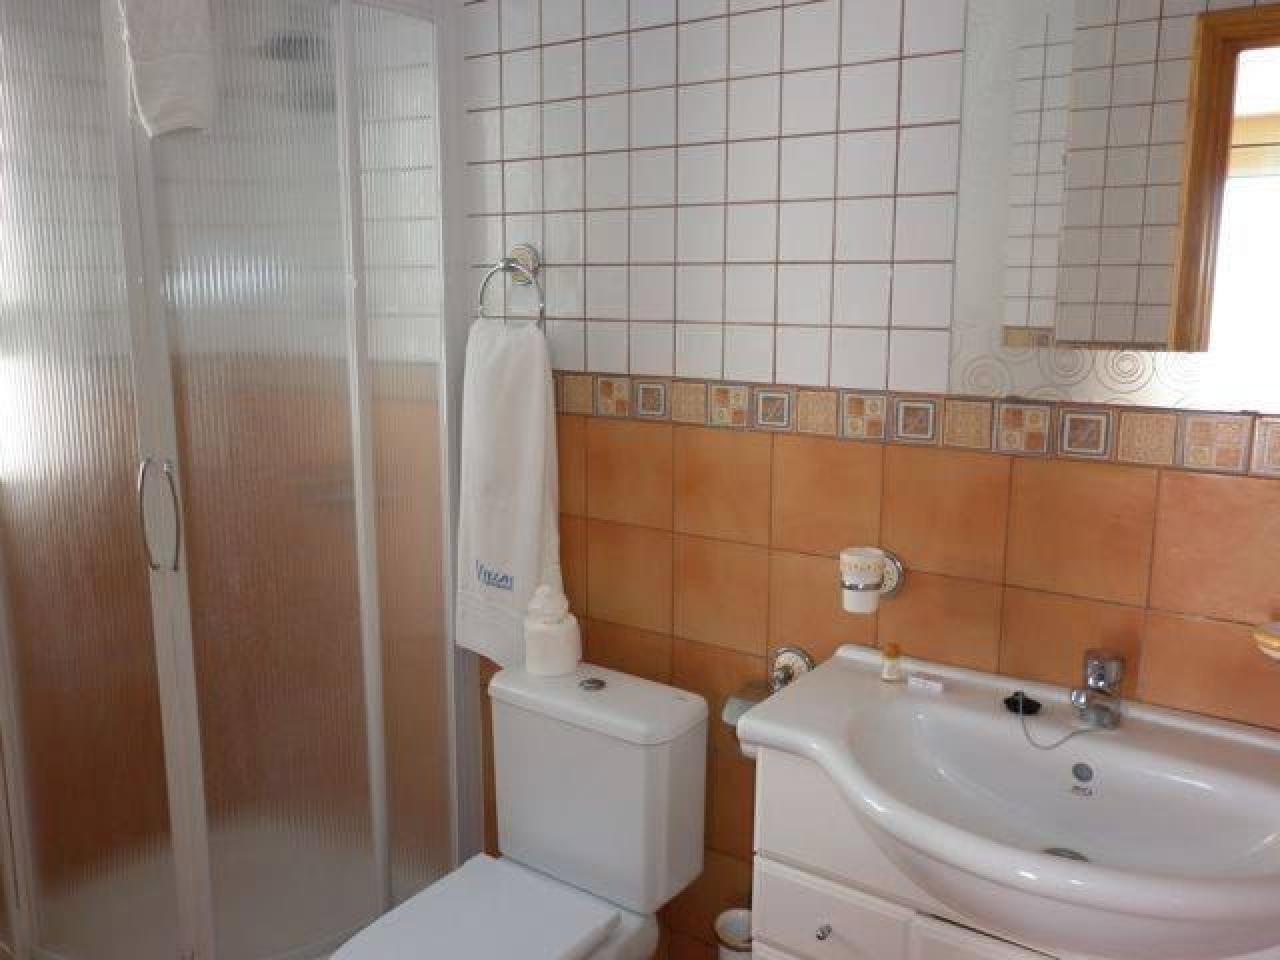 The villa is located in a private urbanization of La Caleta in Costa Adeje - 1